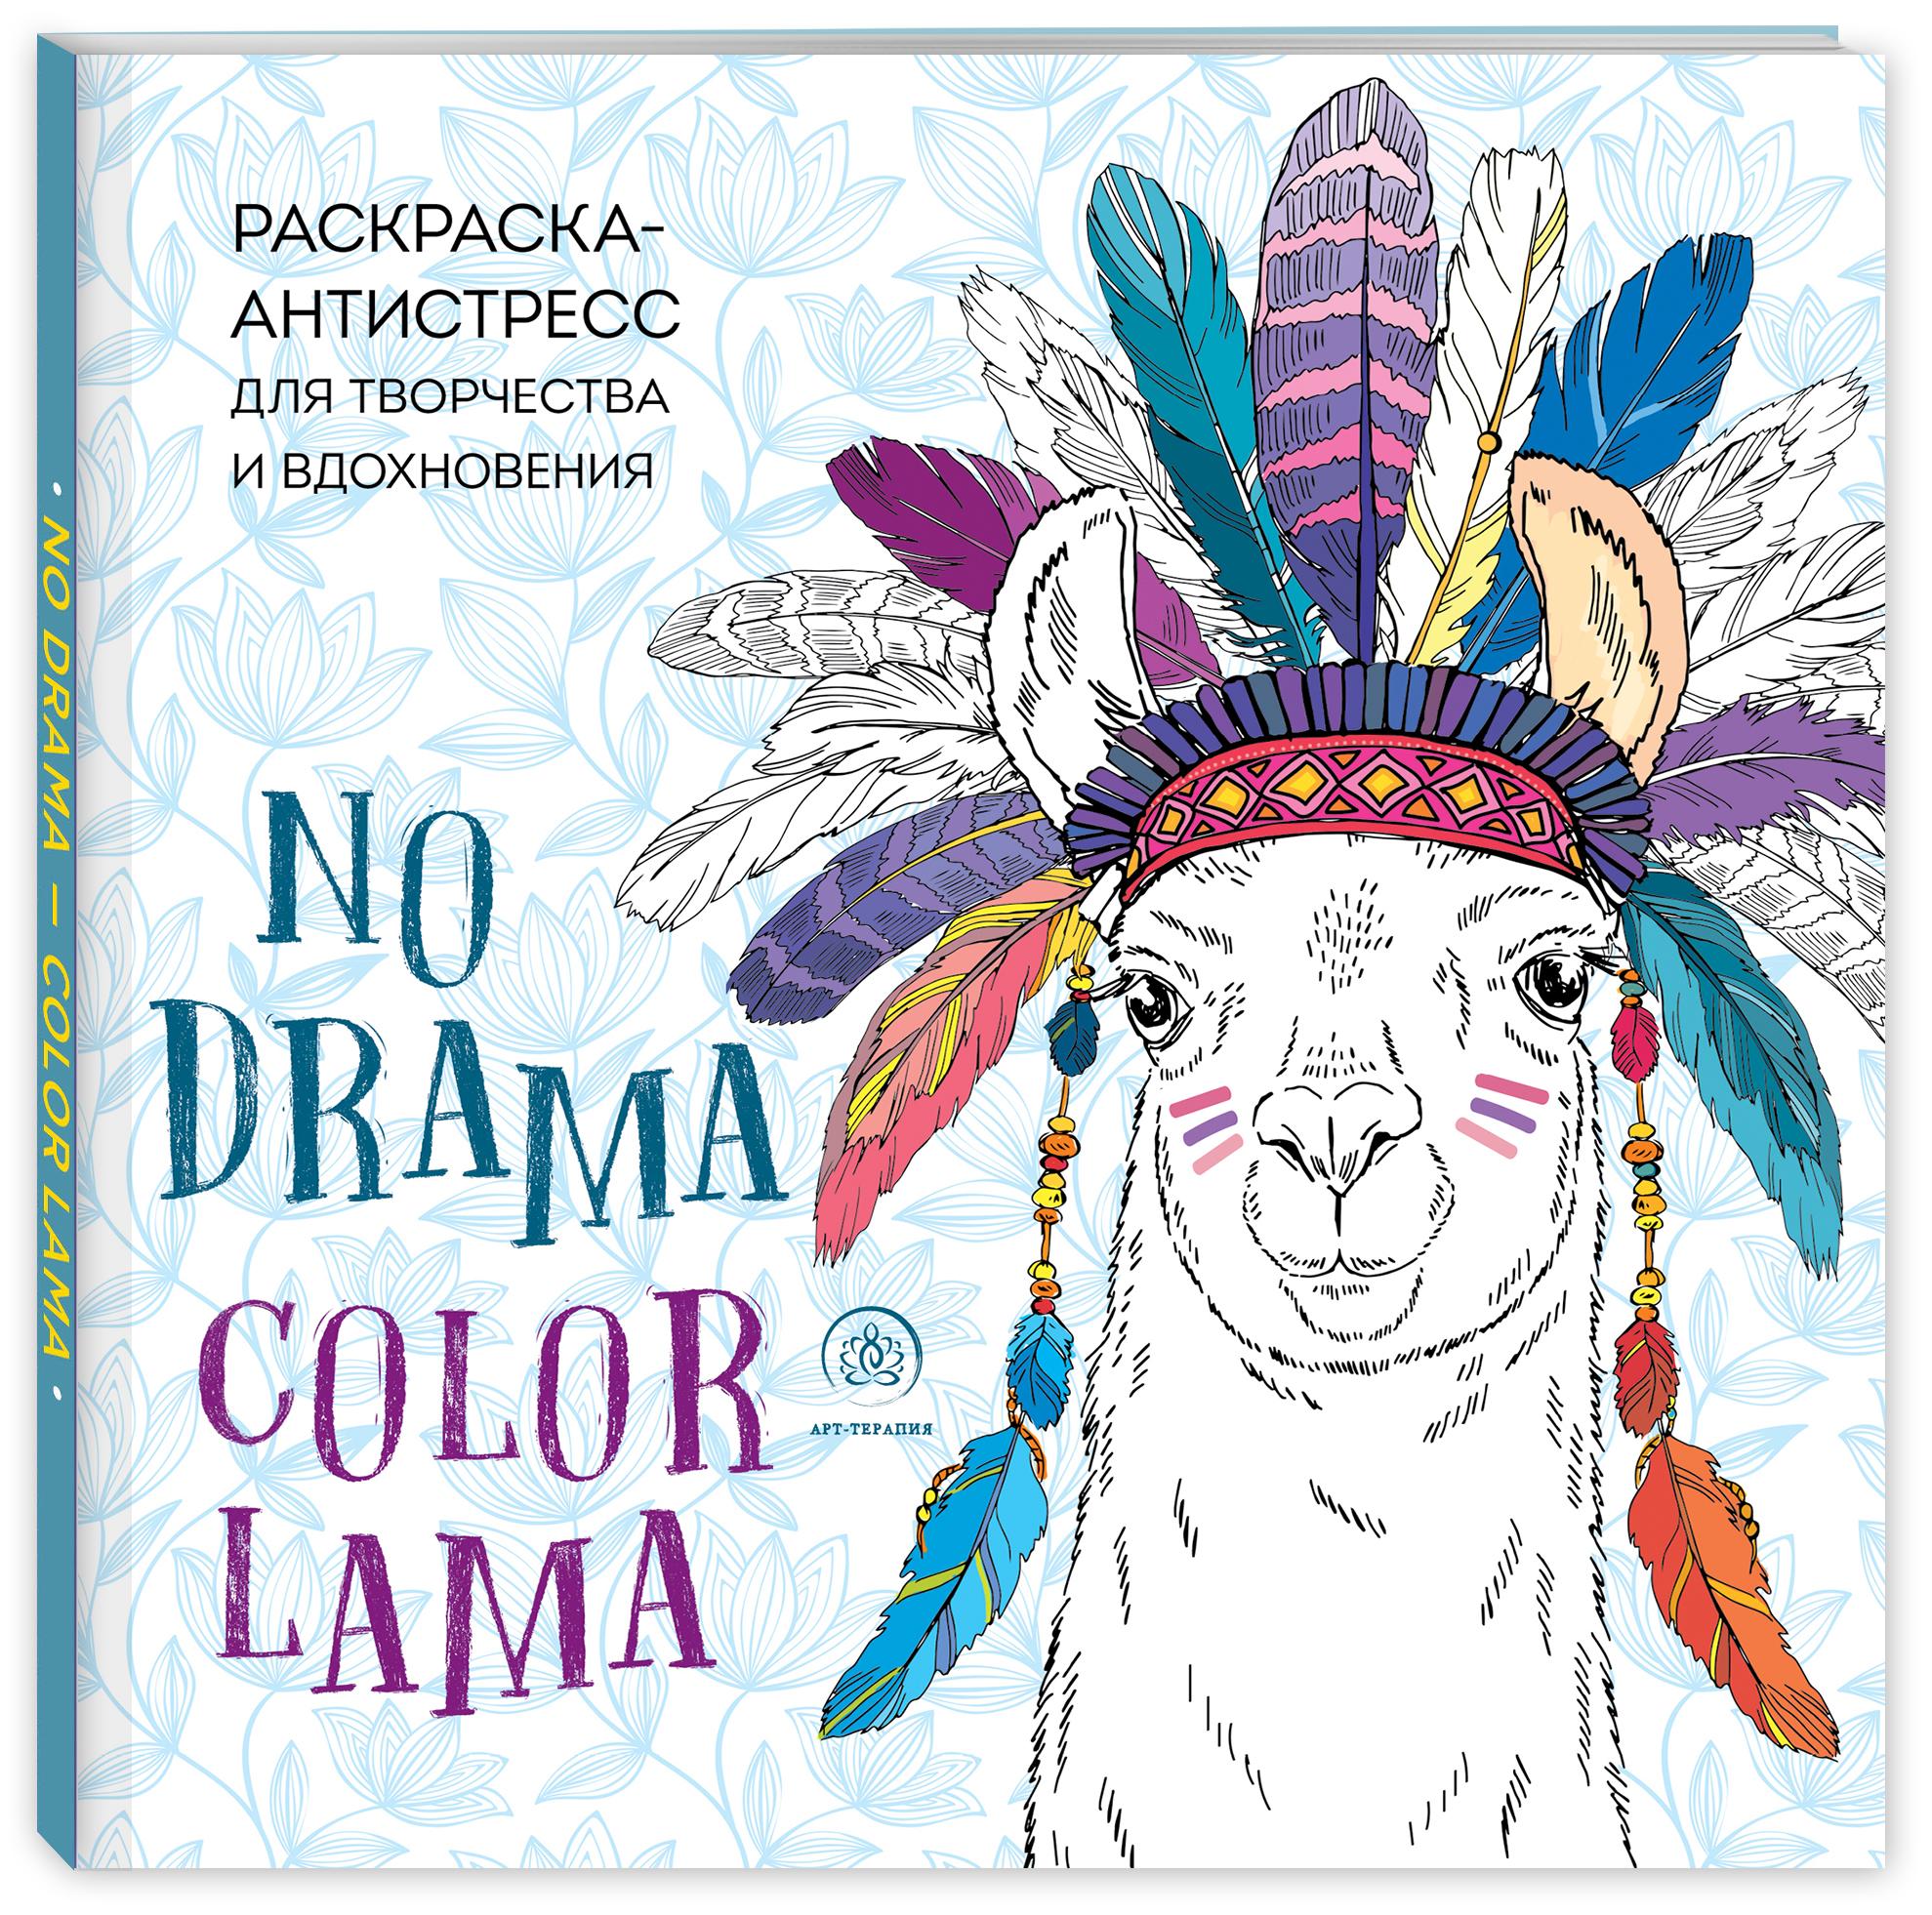 Ламы. NO DRAMA - COLOR LAMA. Раскраска-антистресс для творчества и вдохновения раскраски эксмо радости раскраска антистресс для творчества и вдохновения